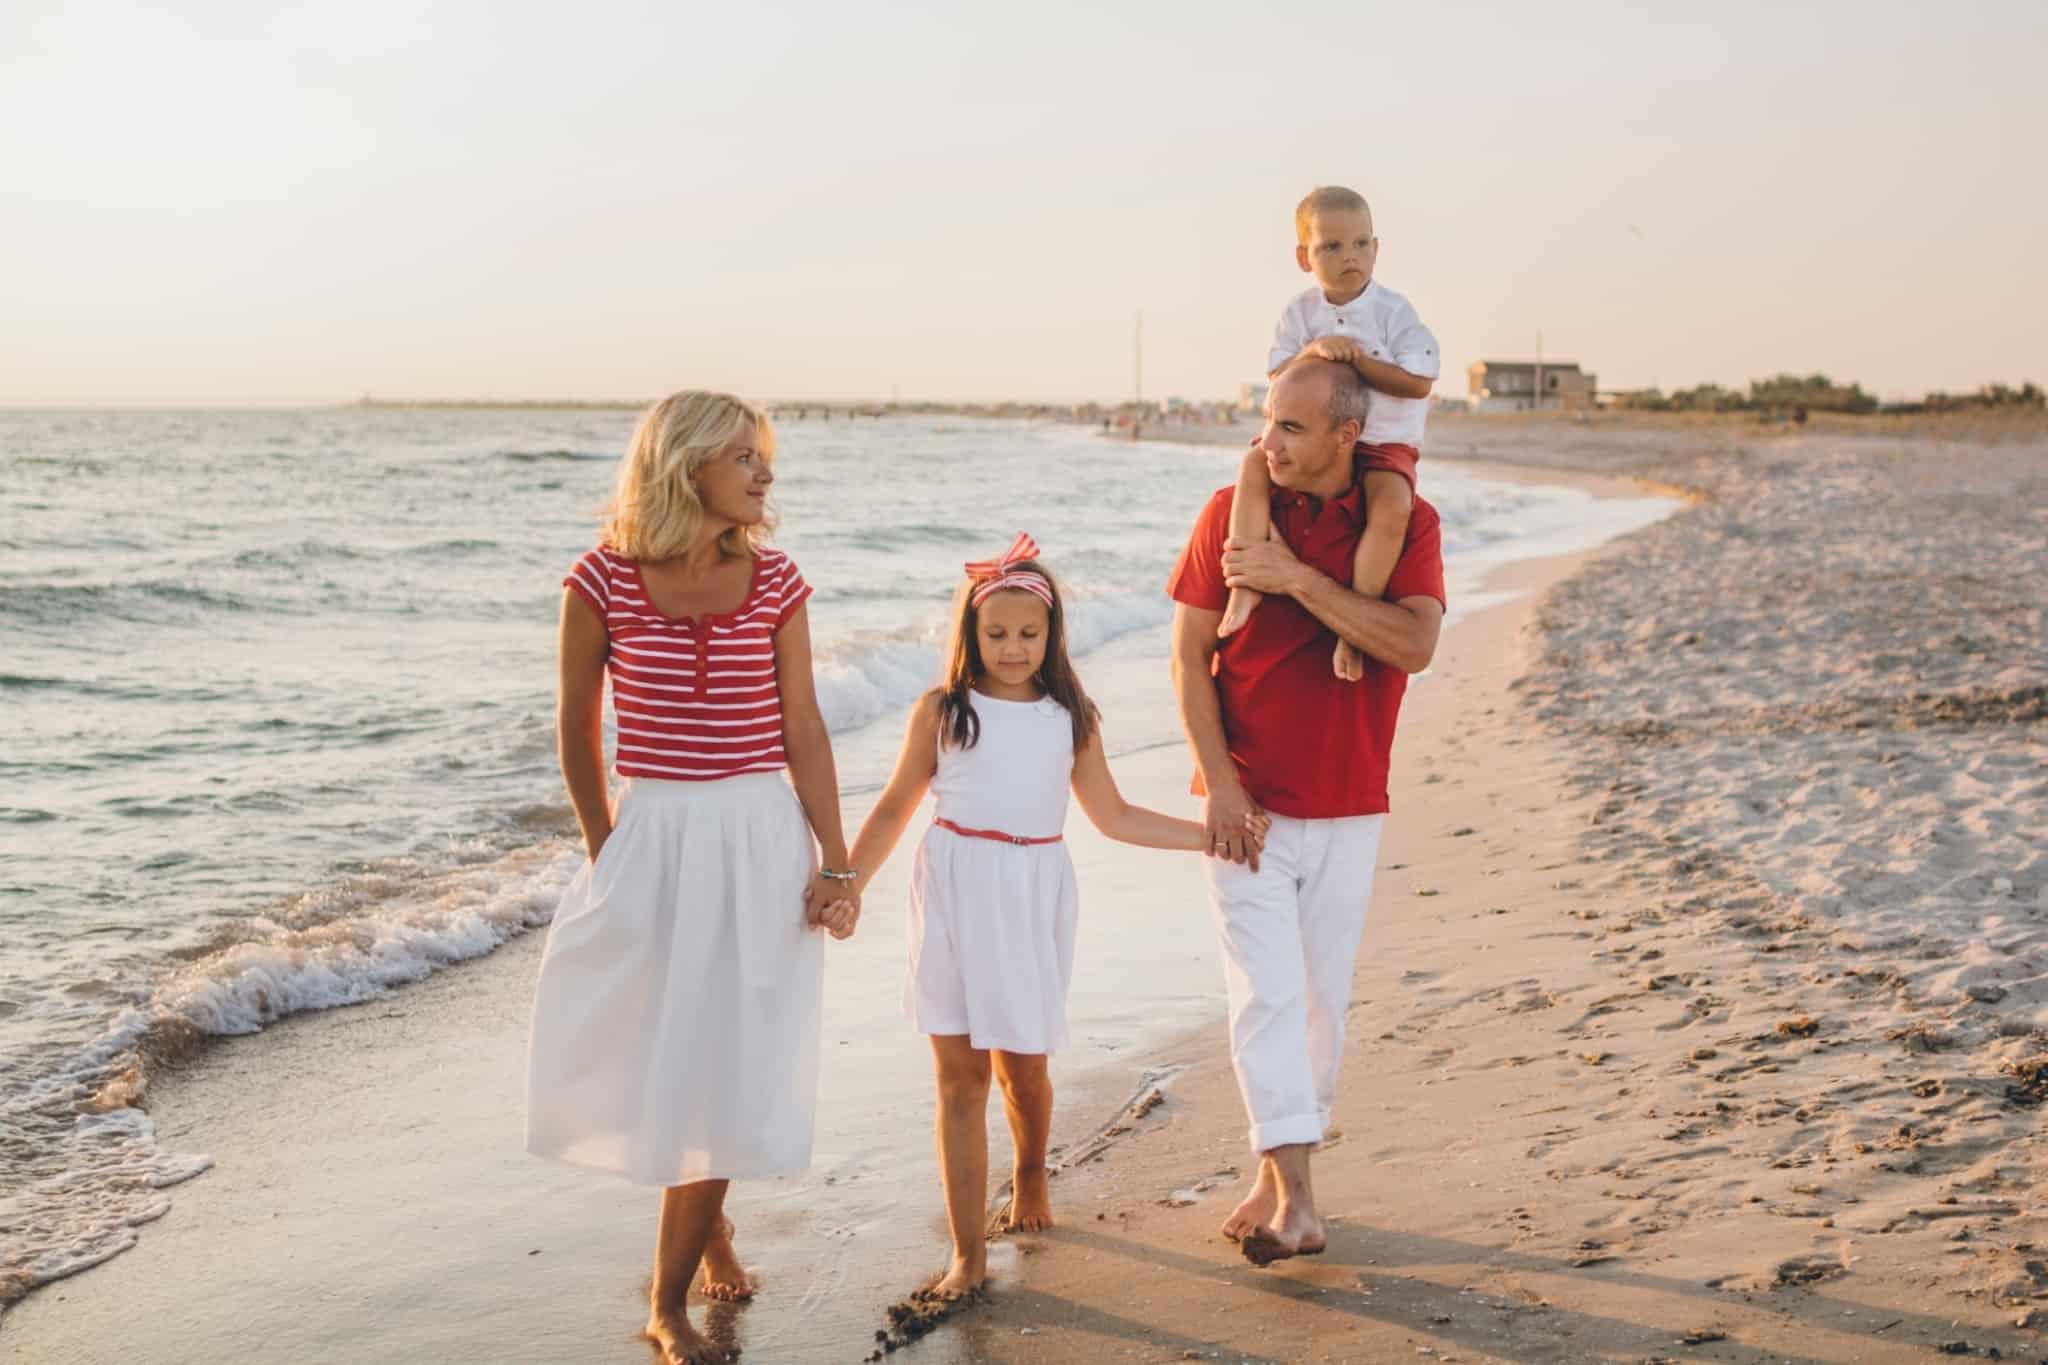 familia a passear na praia mae pai filha e filho